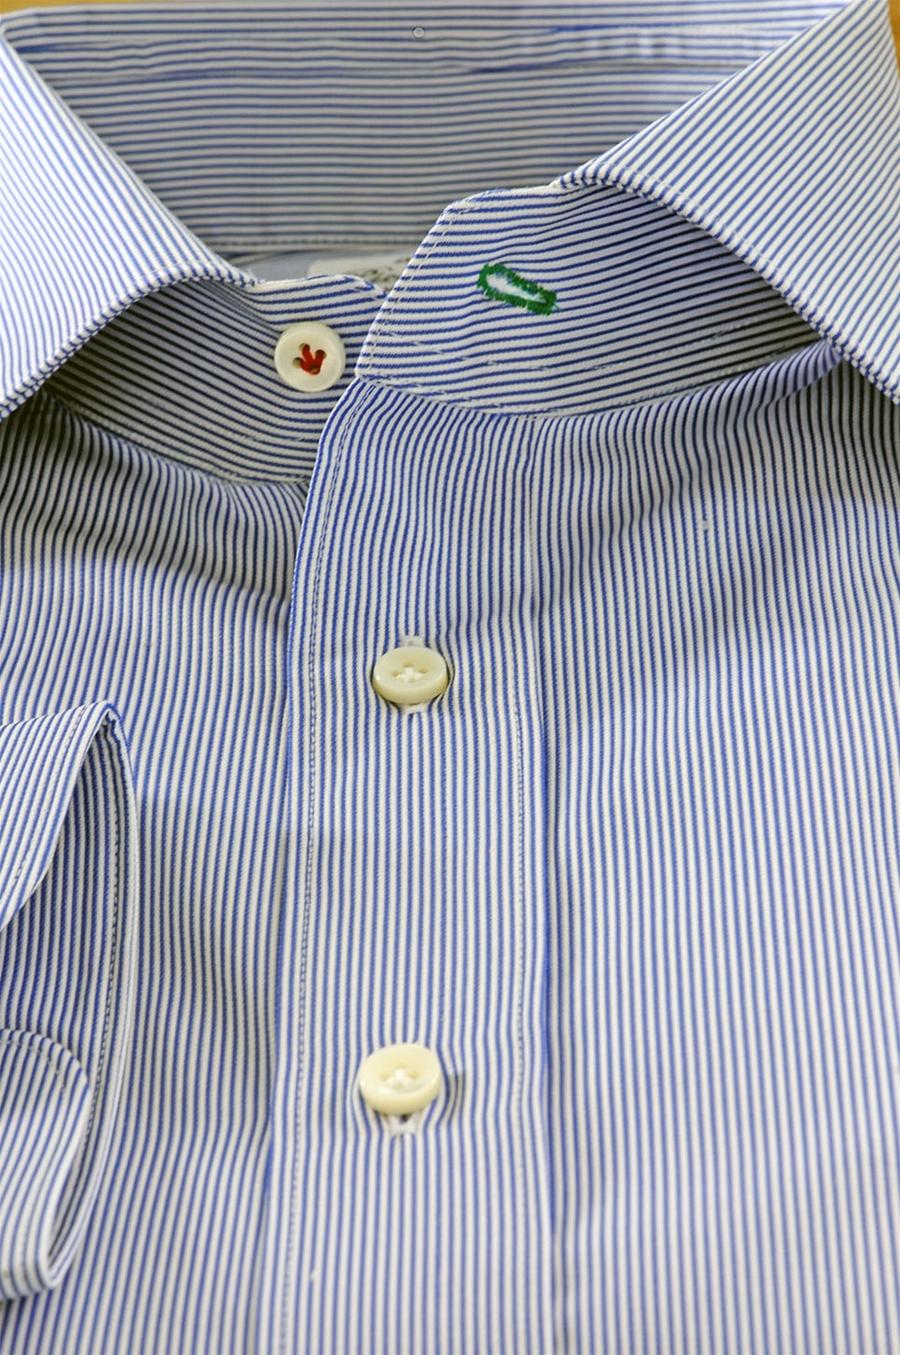 bambino qualità eccellente di modo attraente Camicia a Righe Azzurro e Bianco Puro Cotone Egiziano Per Uomo Su Misura